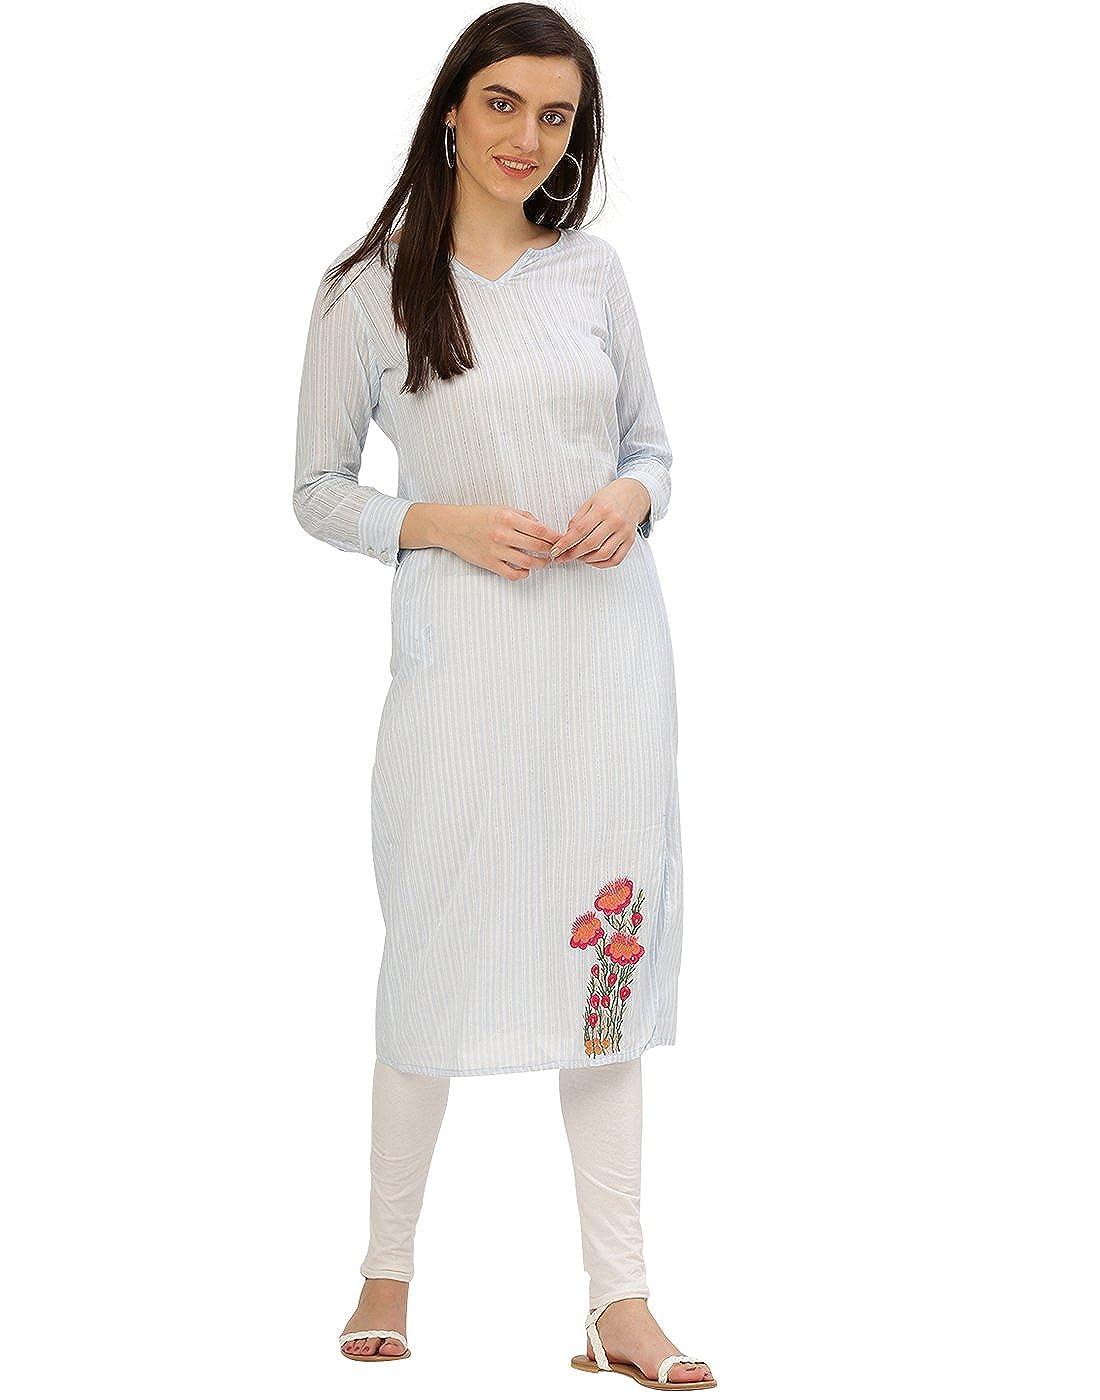 Jaipur Kurti Women Casual Top Tunic Summer Embroidered Handloom Dress (Light bluee)